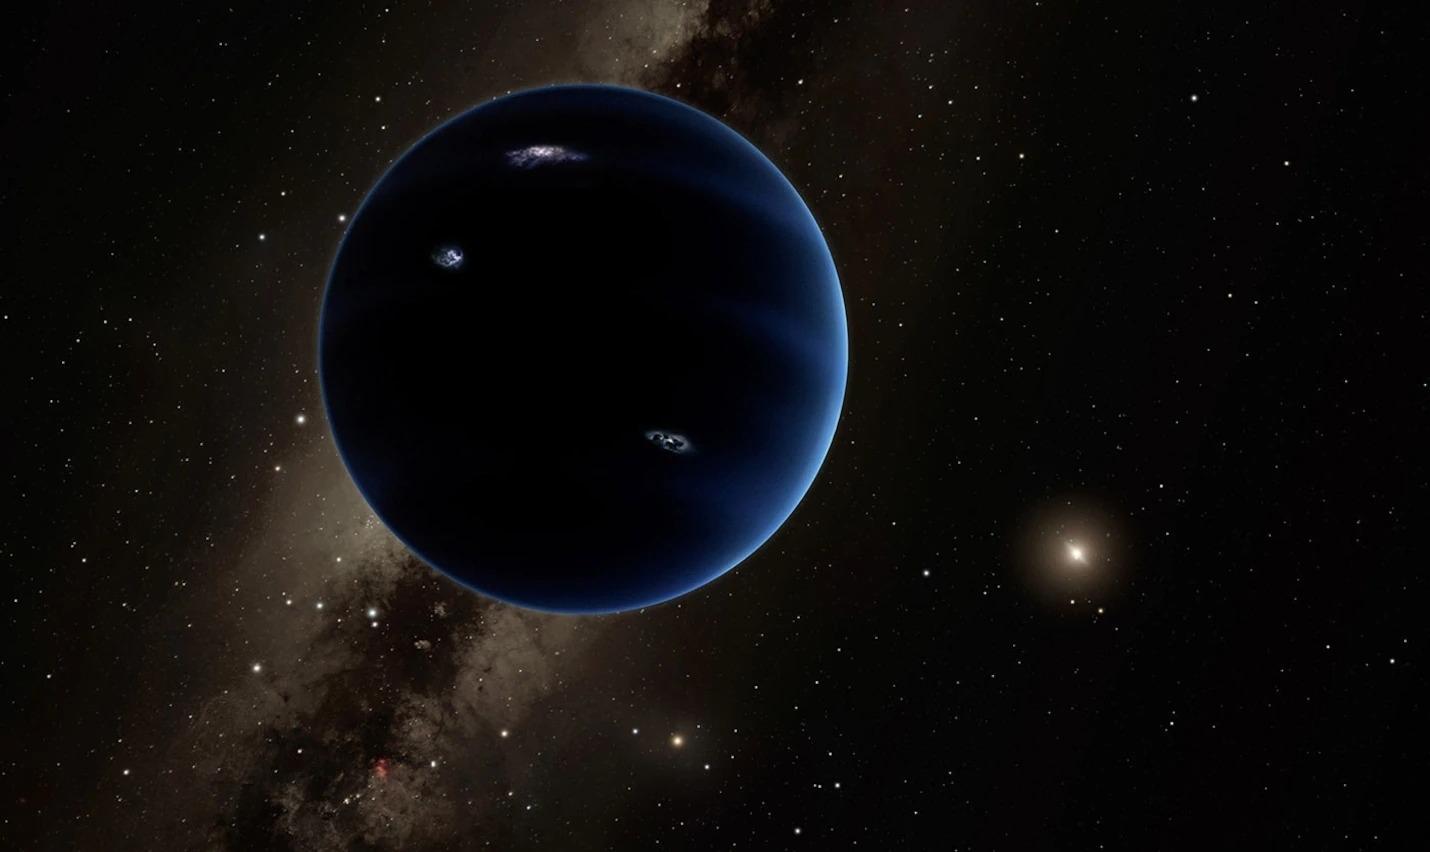 太阳系藏着一颗比地球重几倍的行星 第九行星若真的存在它可能比想像中更近